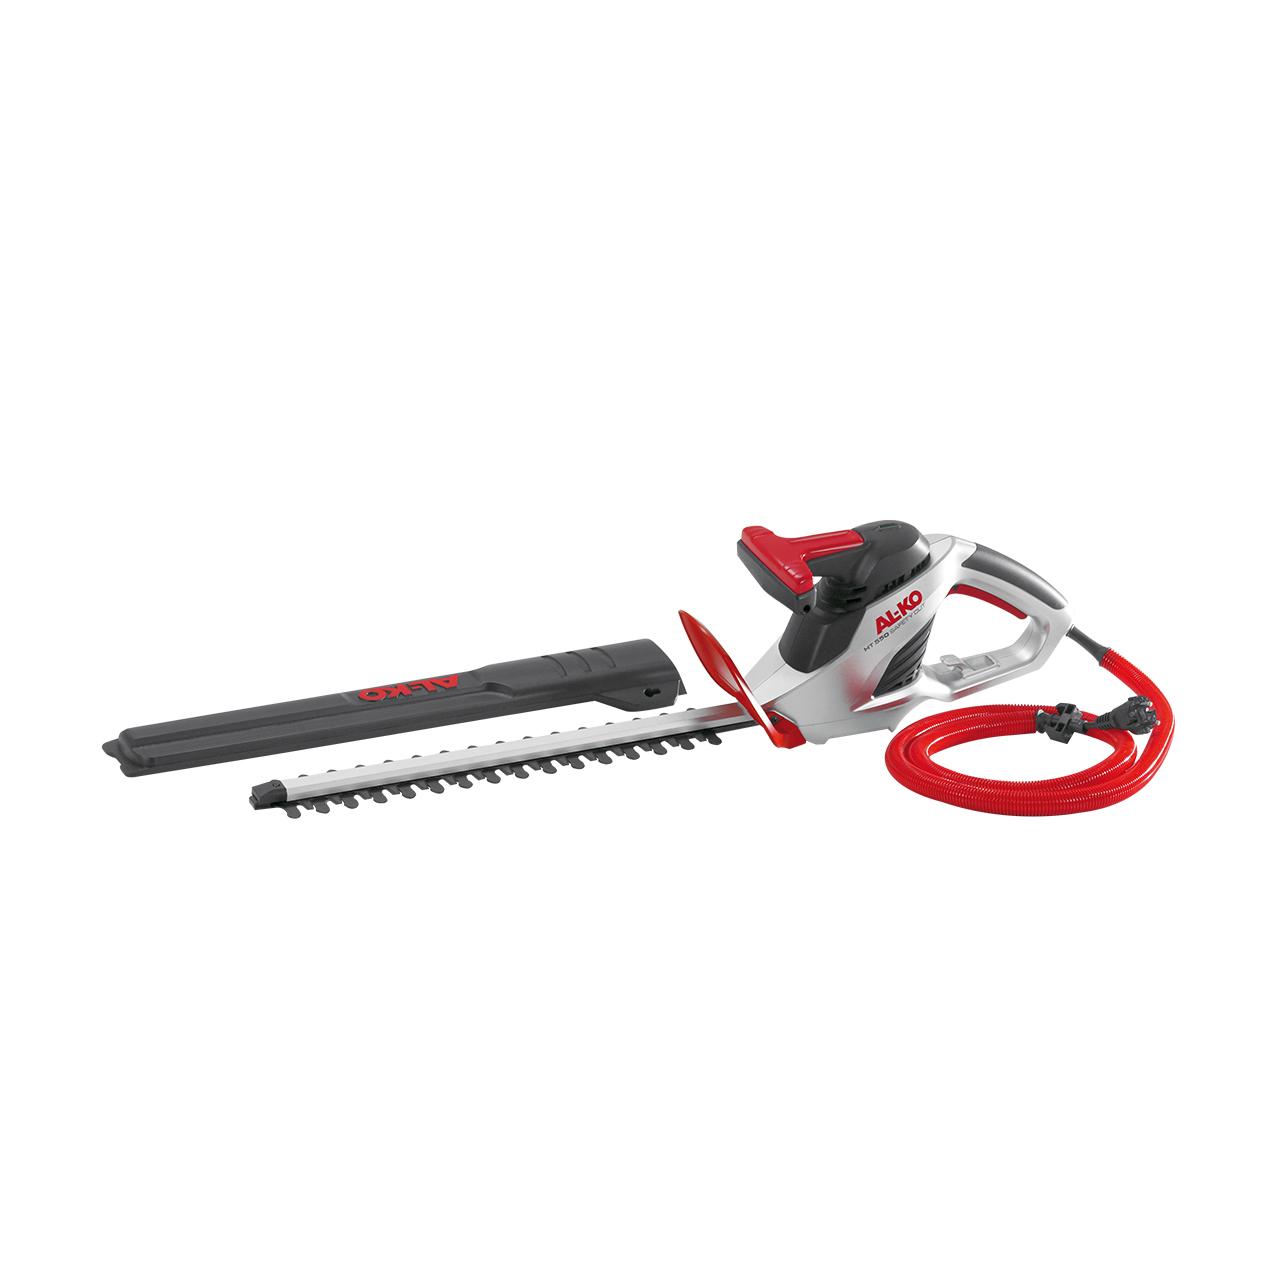 Elektro-Heckenschere HT 550 Safty Cut